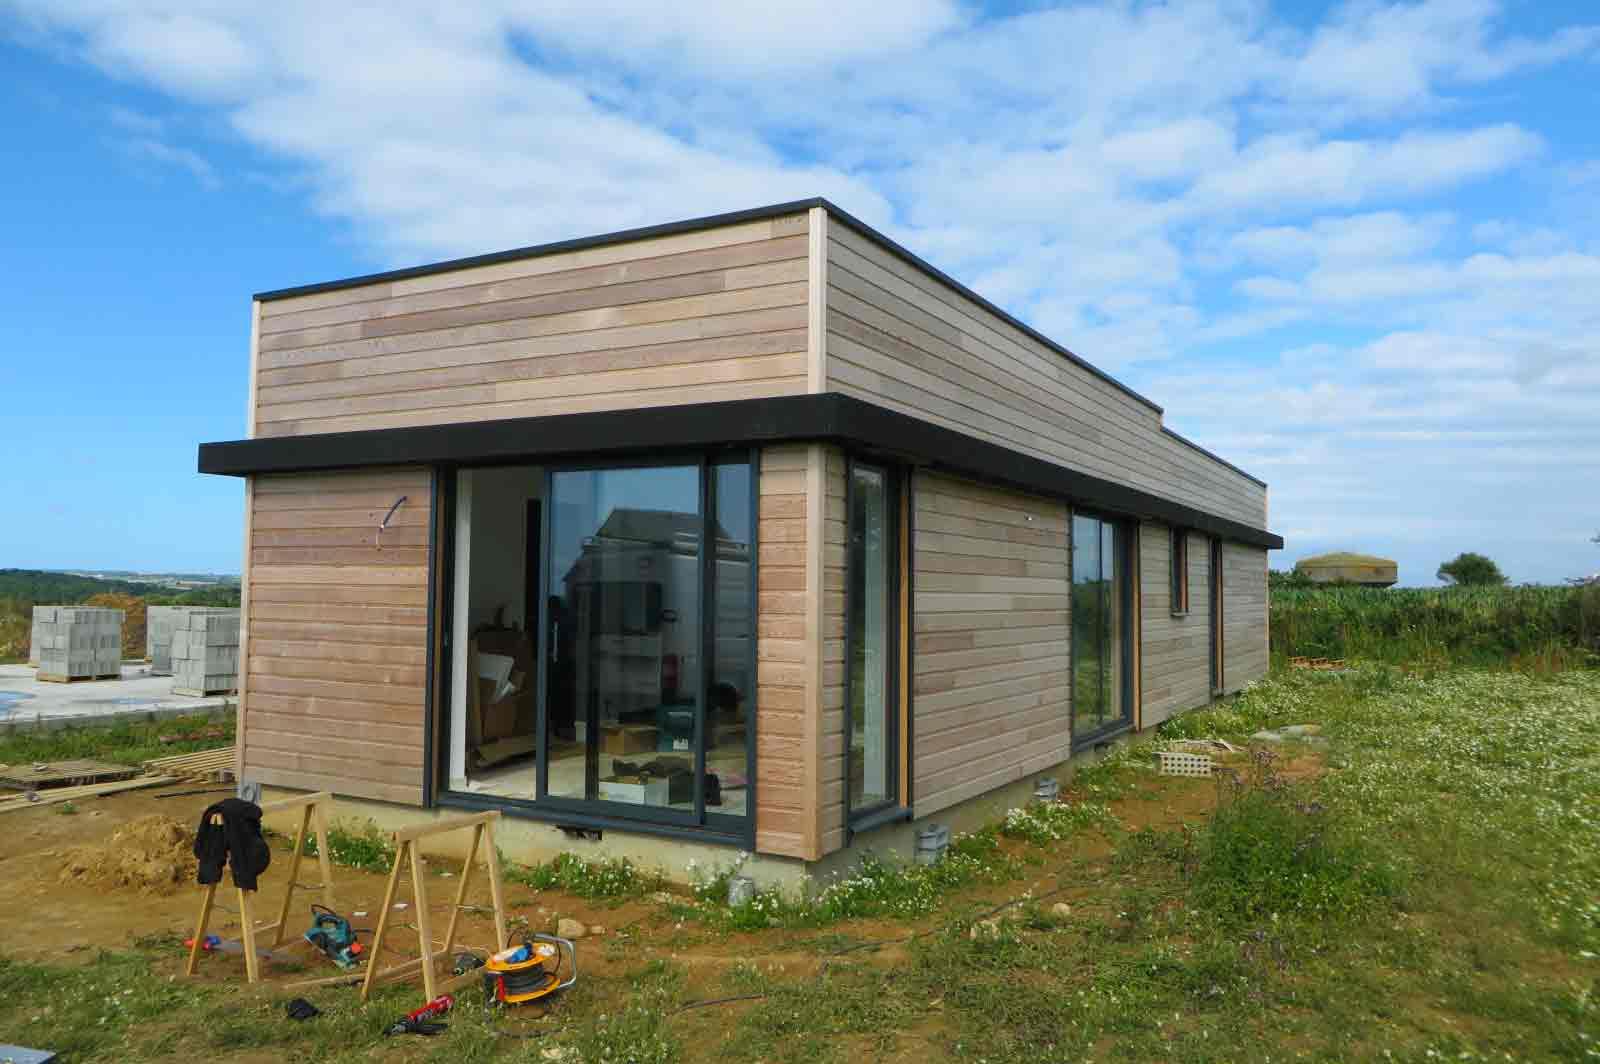 Maison Ossature Bois Finistere - Extension bois Finist u00e8re Landéda Maisons bois Acacia